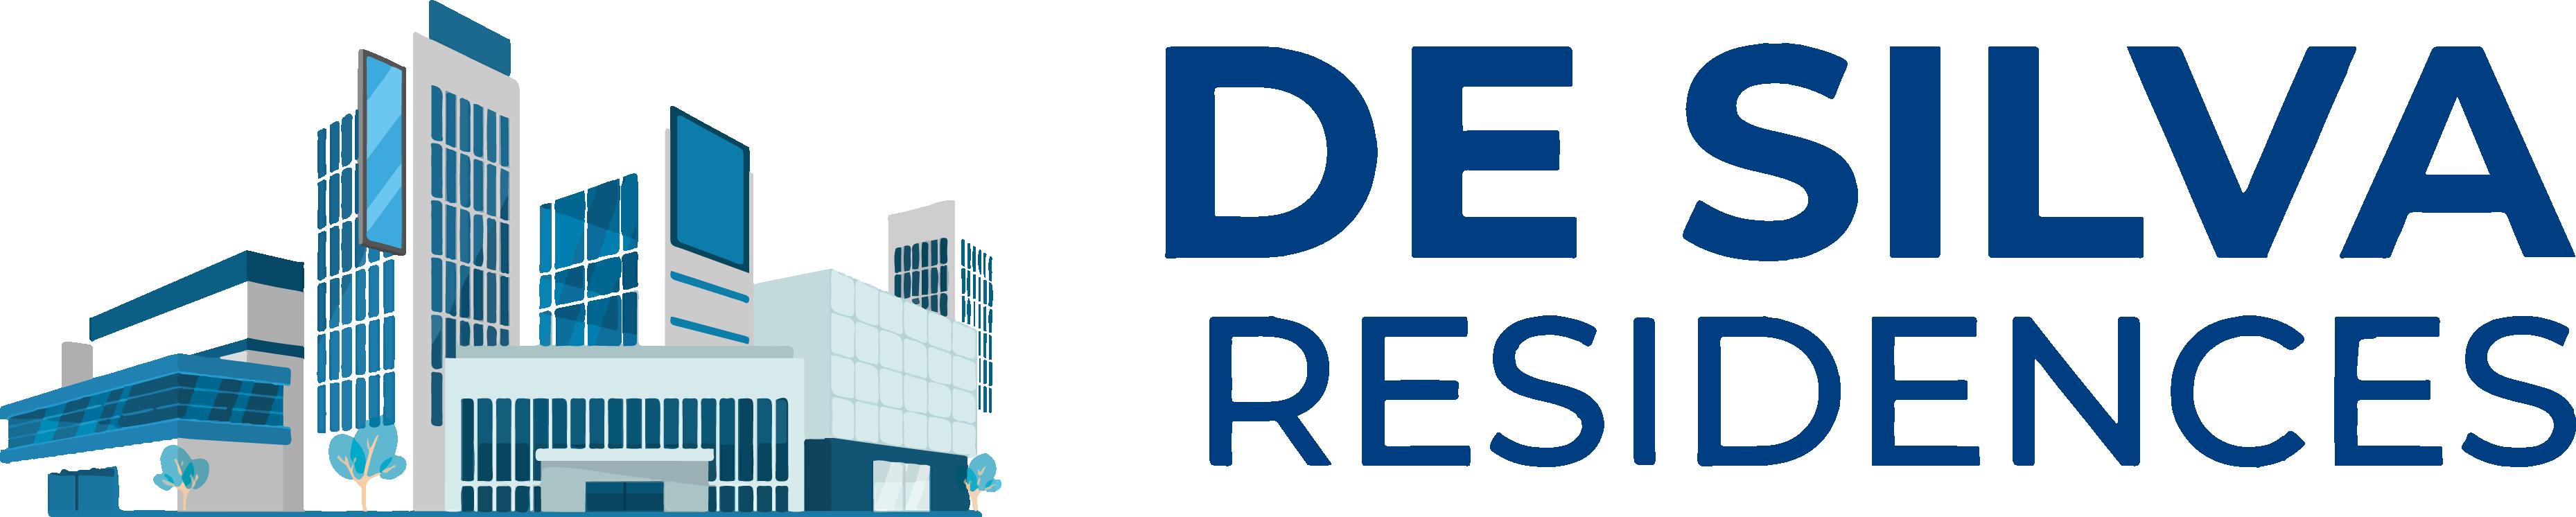 DeSilva_Residences_Vector